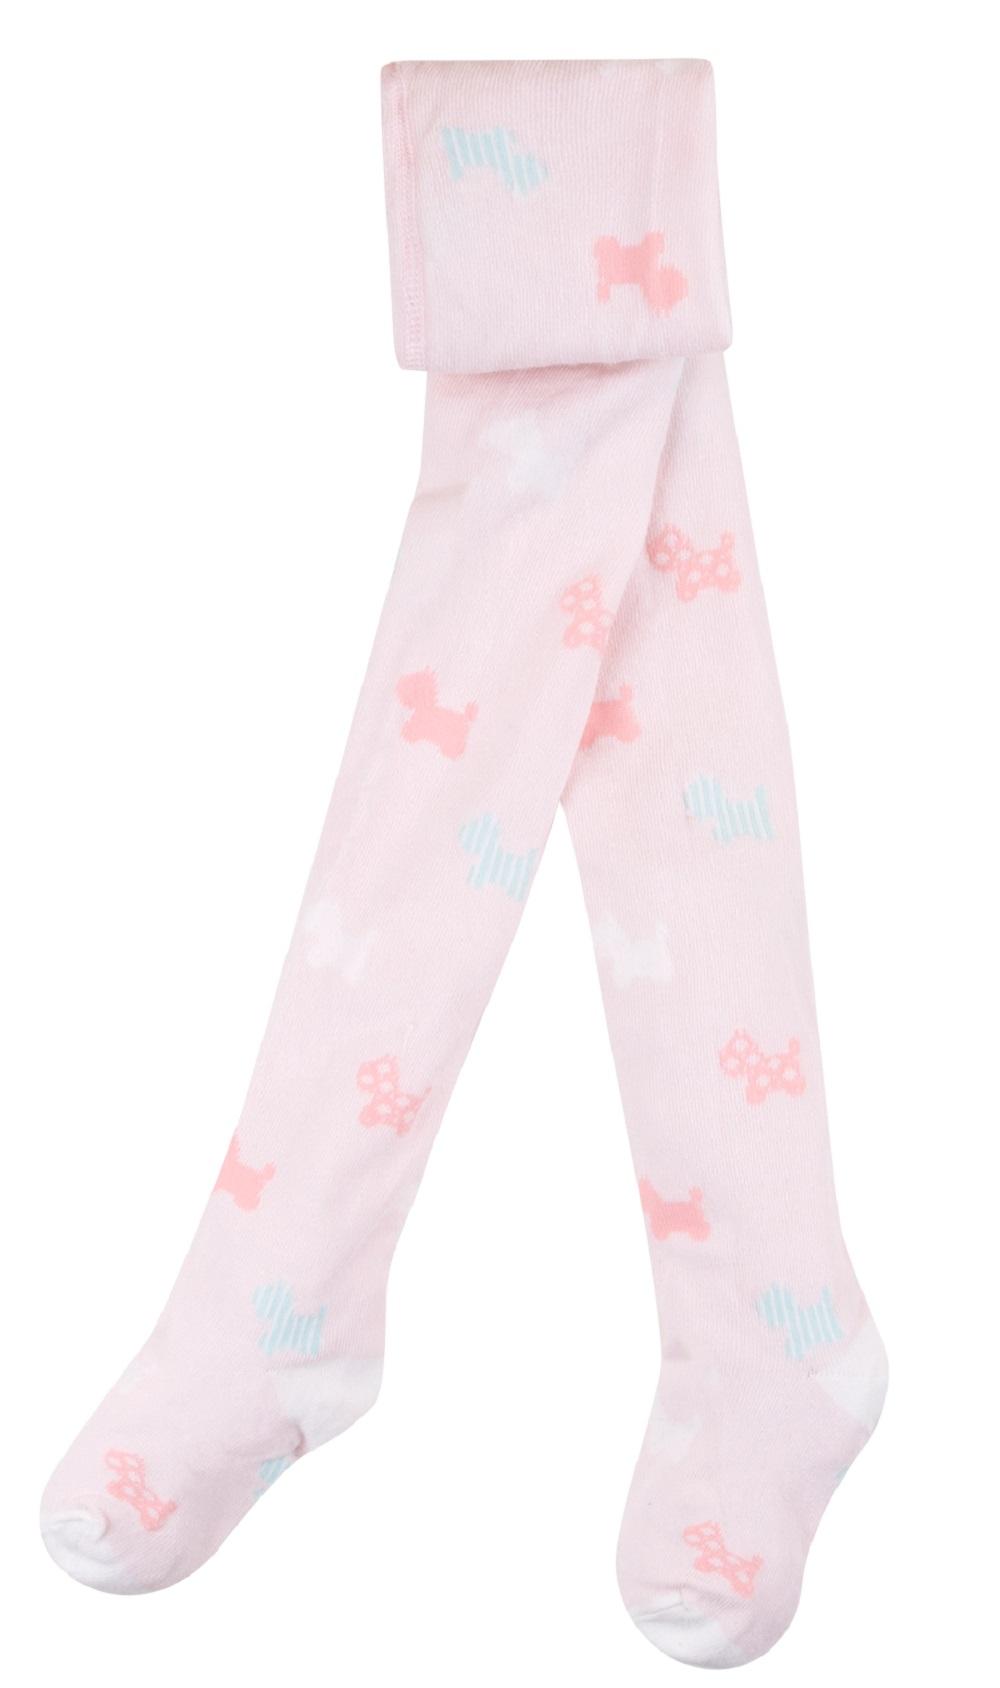 Купить Колготки детские Bossa Nova Собачки , розовые, Incanto, Италия, Розовый, 68